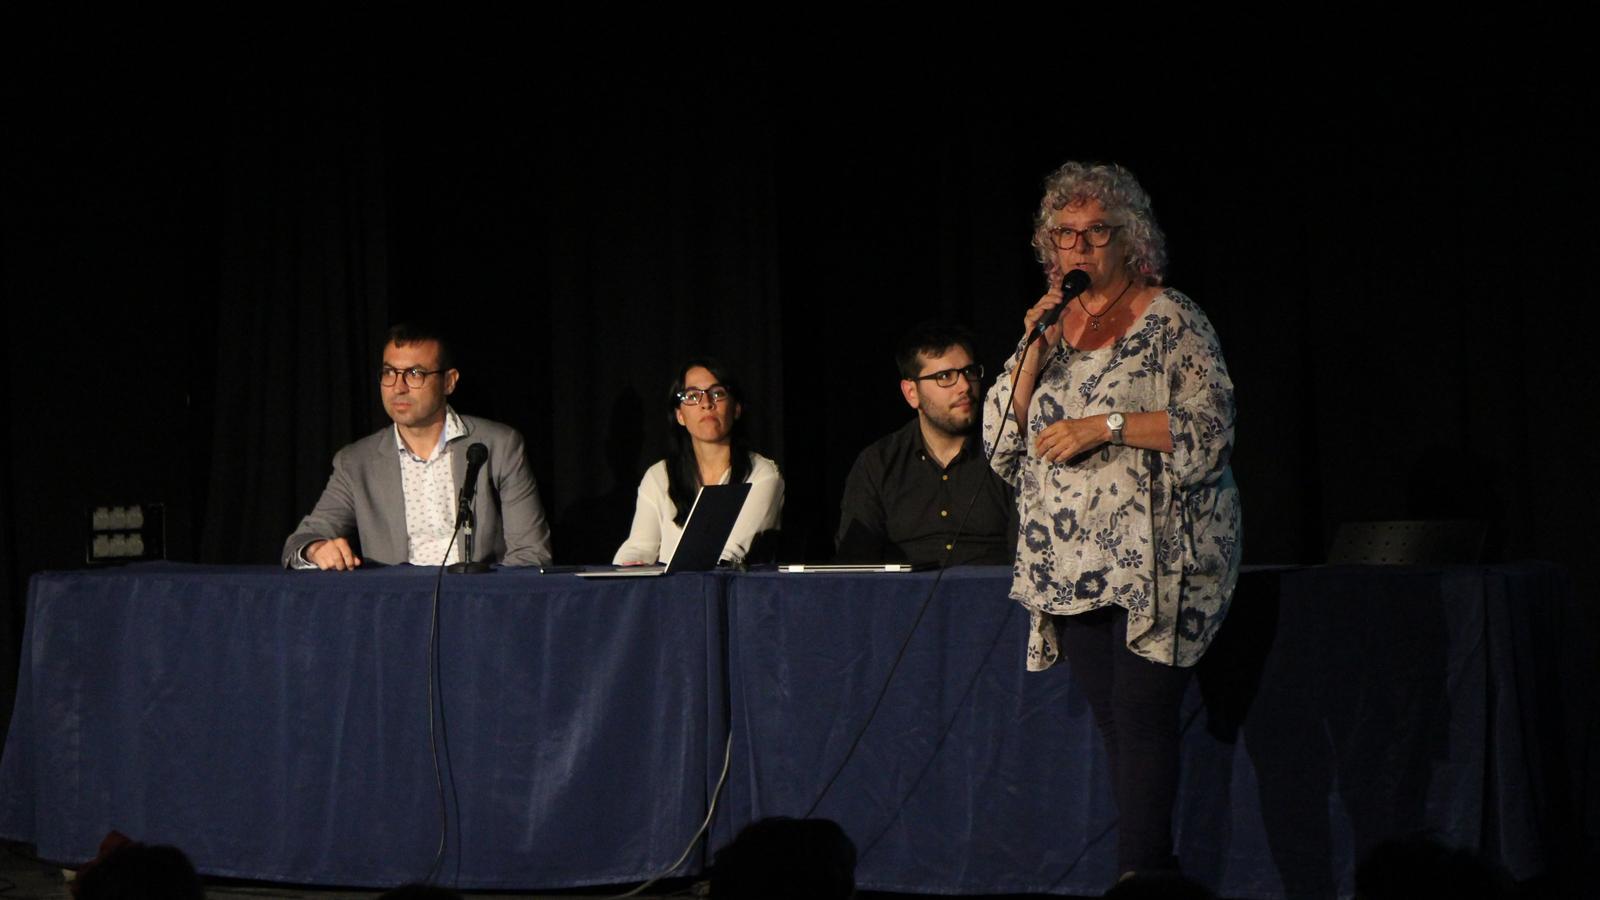 Un moment de la presentació de la conferència dels doctors de l'hospital de Sant Joan de Déu, a càrrec de la directora de l'escola andorrana de Canillo, Bárbara Haytree. / L. M. (ANA)